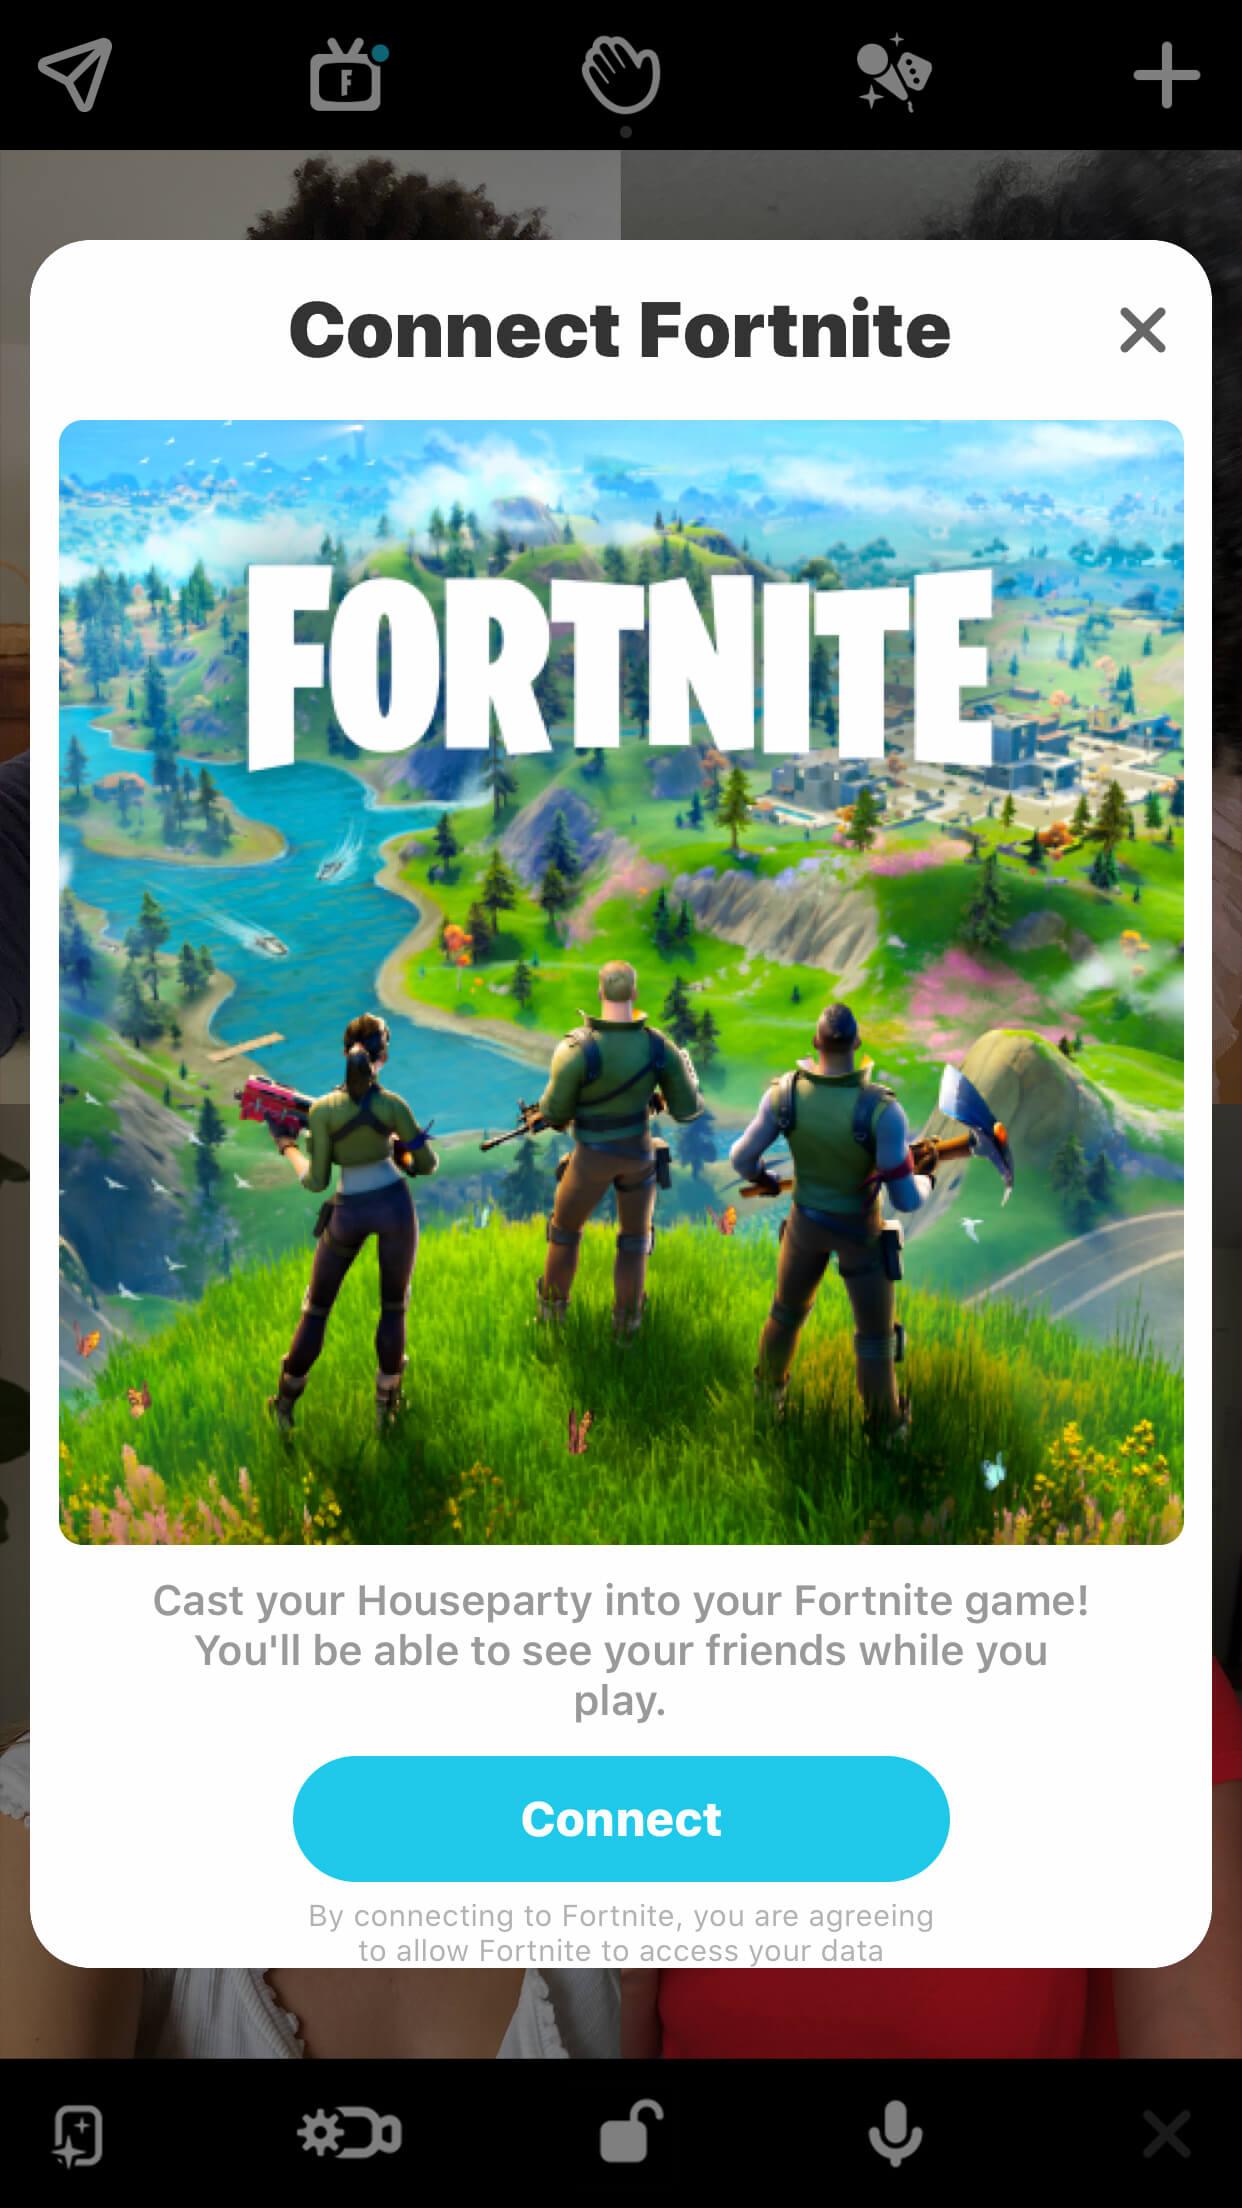 Fortnite x houseparty 3